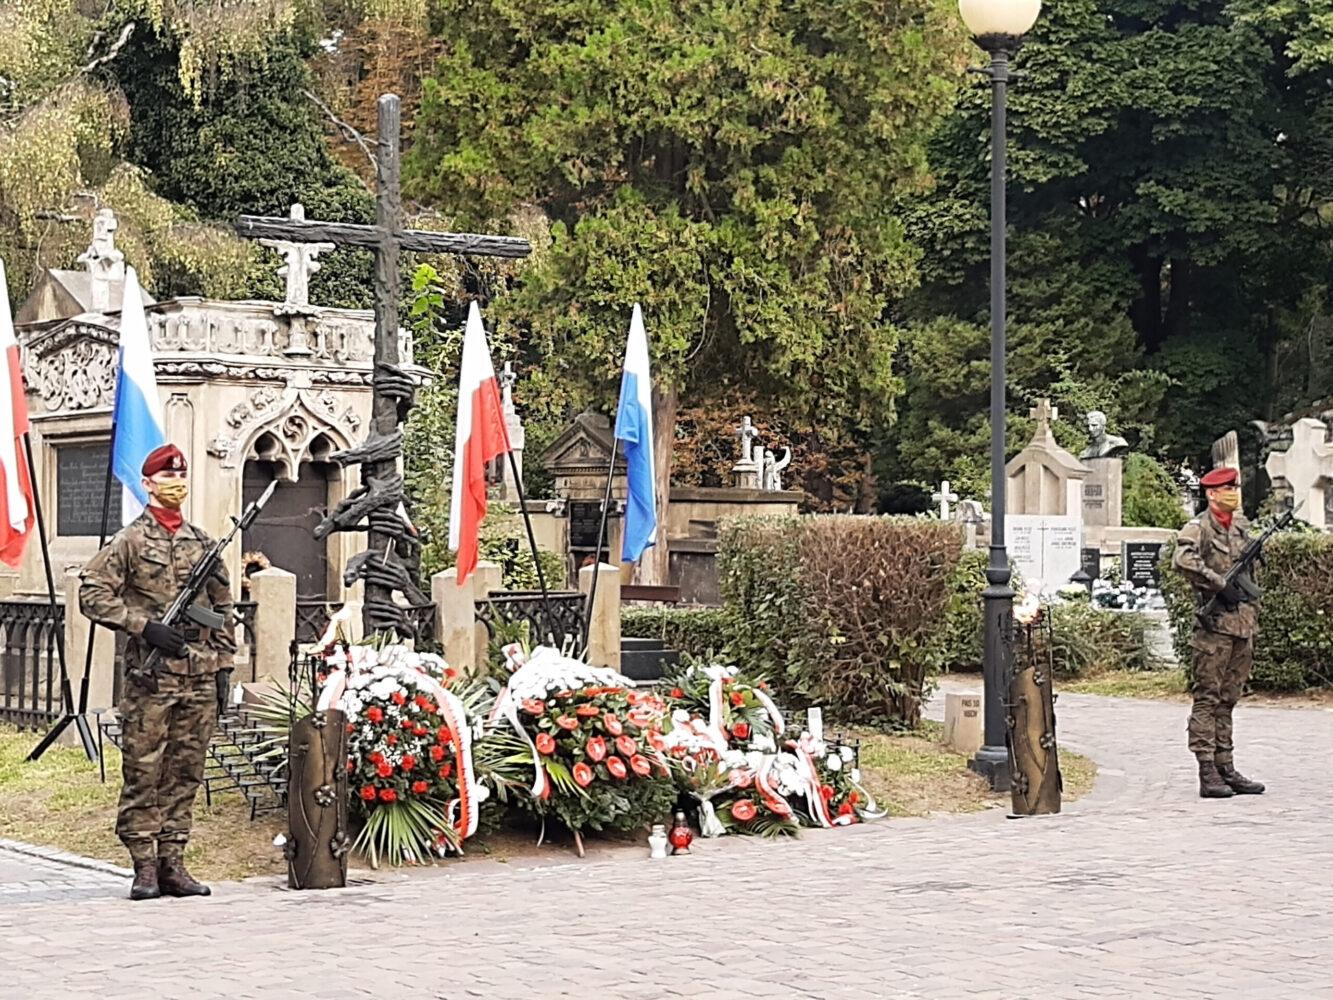 Uroczystości przy Pomniku Ofiar Komunizmu w 81. rocznicę sowieckiej agresji na Polskę